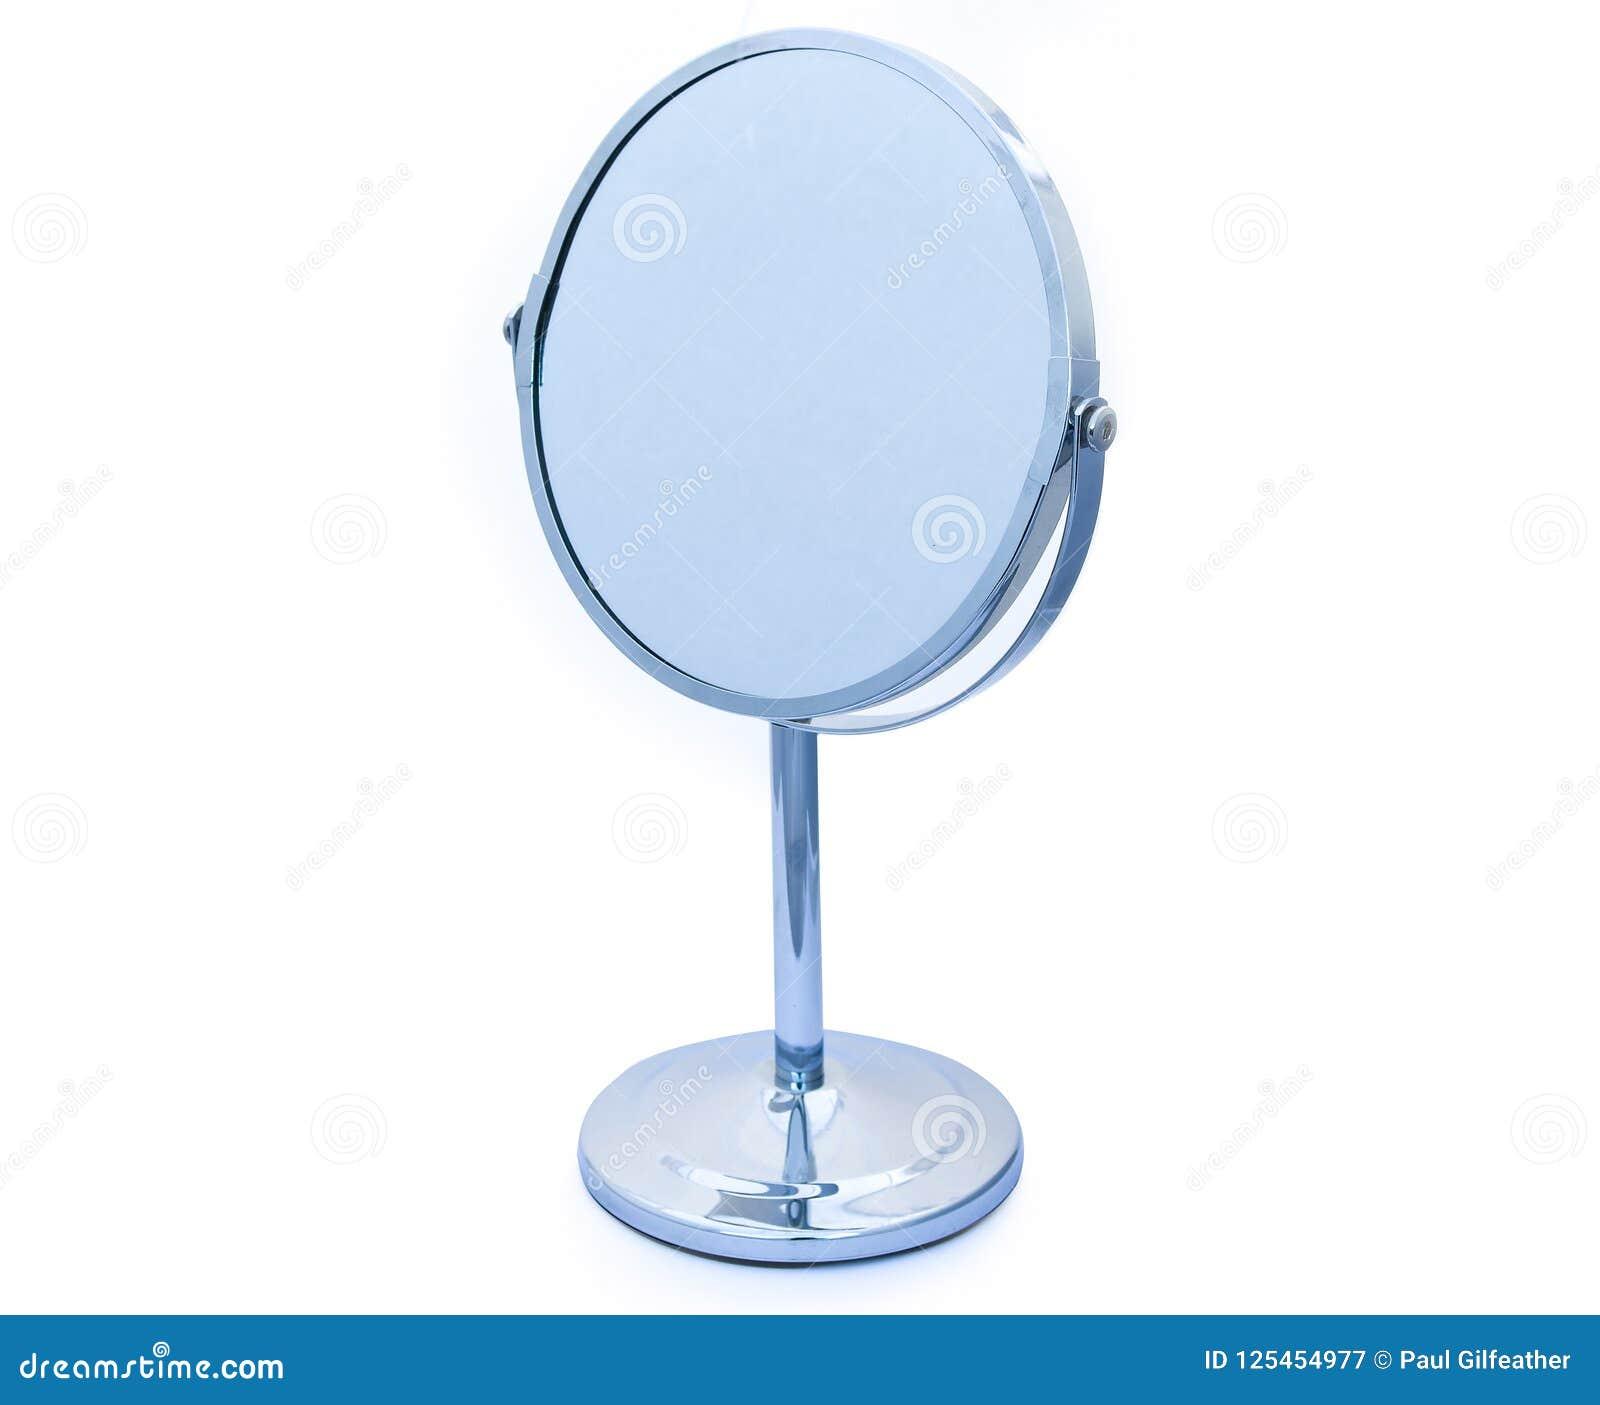 Inclinar o cromo articulado circular moldou o espelho de vaidade para a composição ou a rapagem etc. no fundo branco